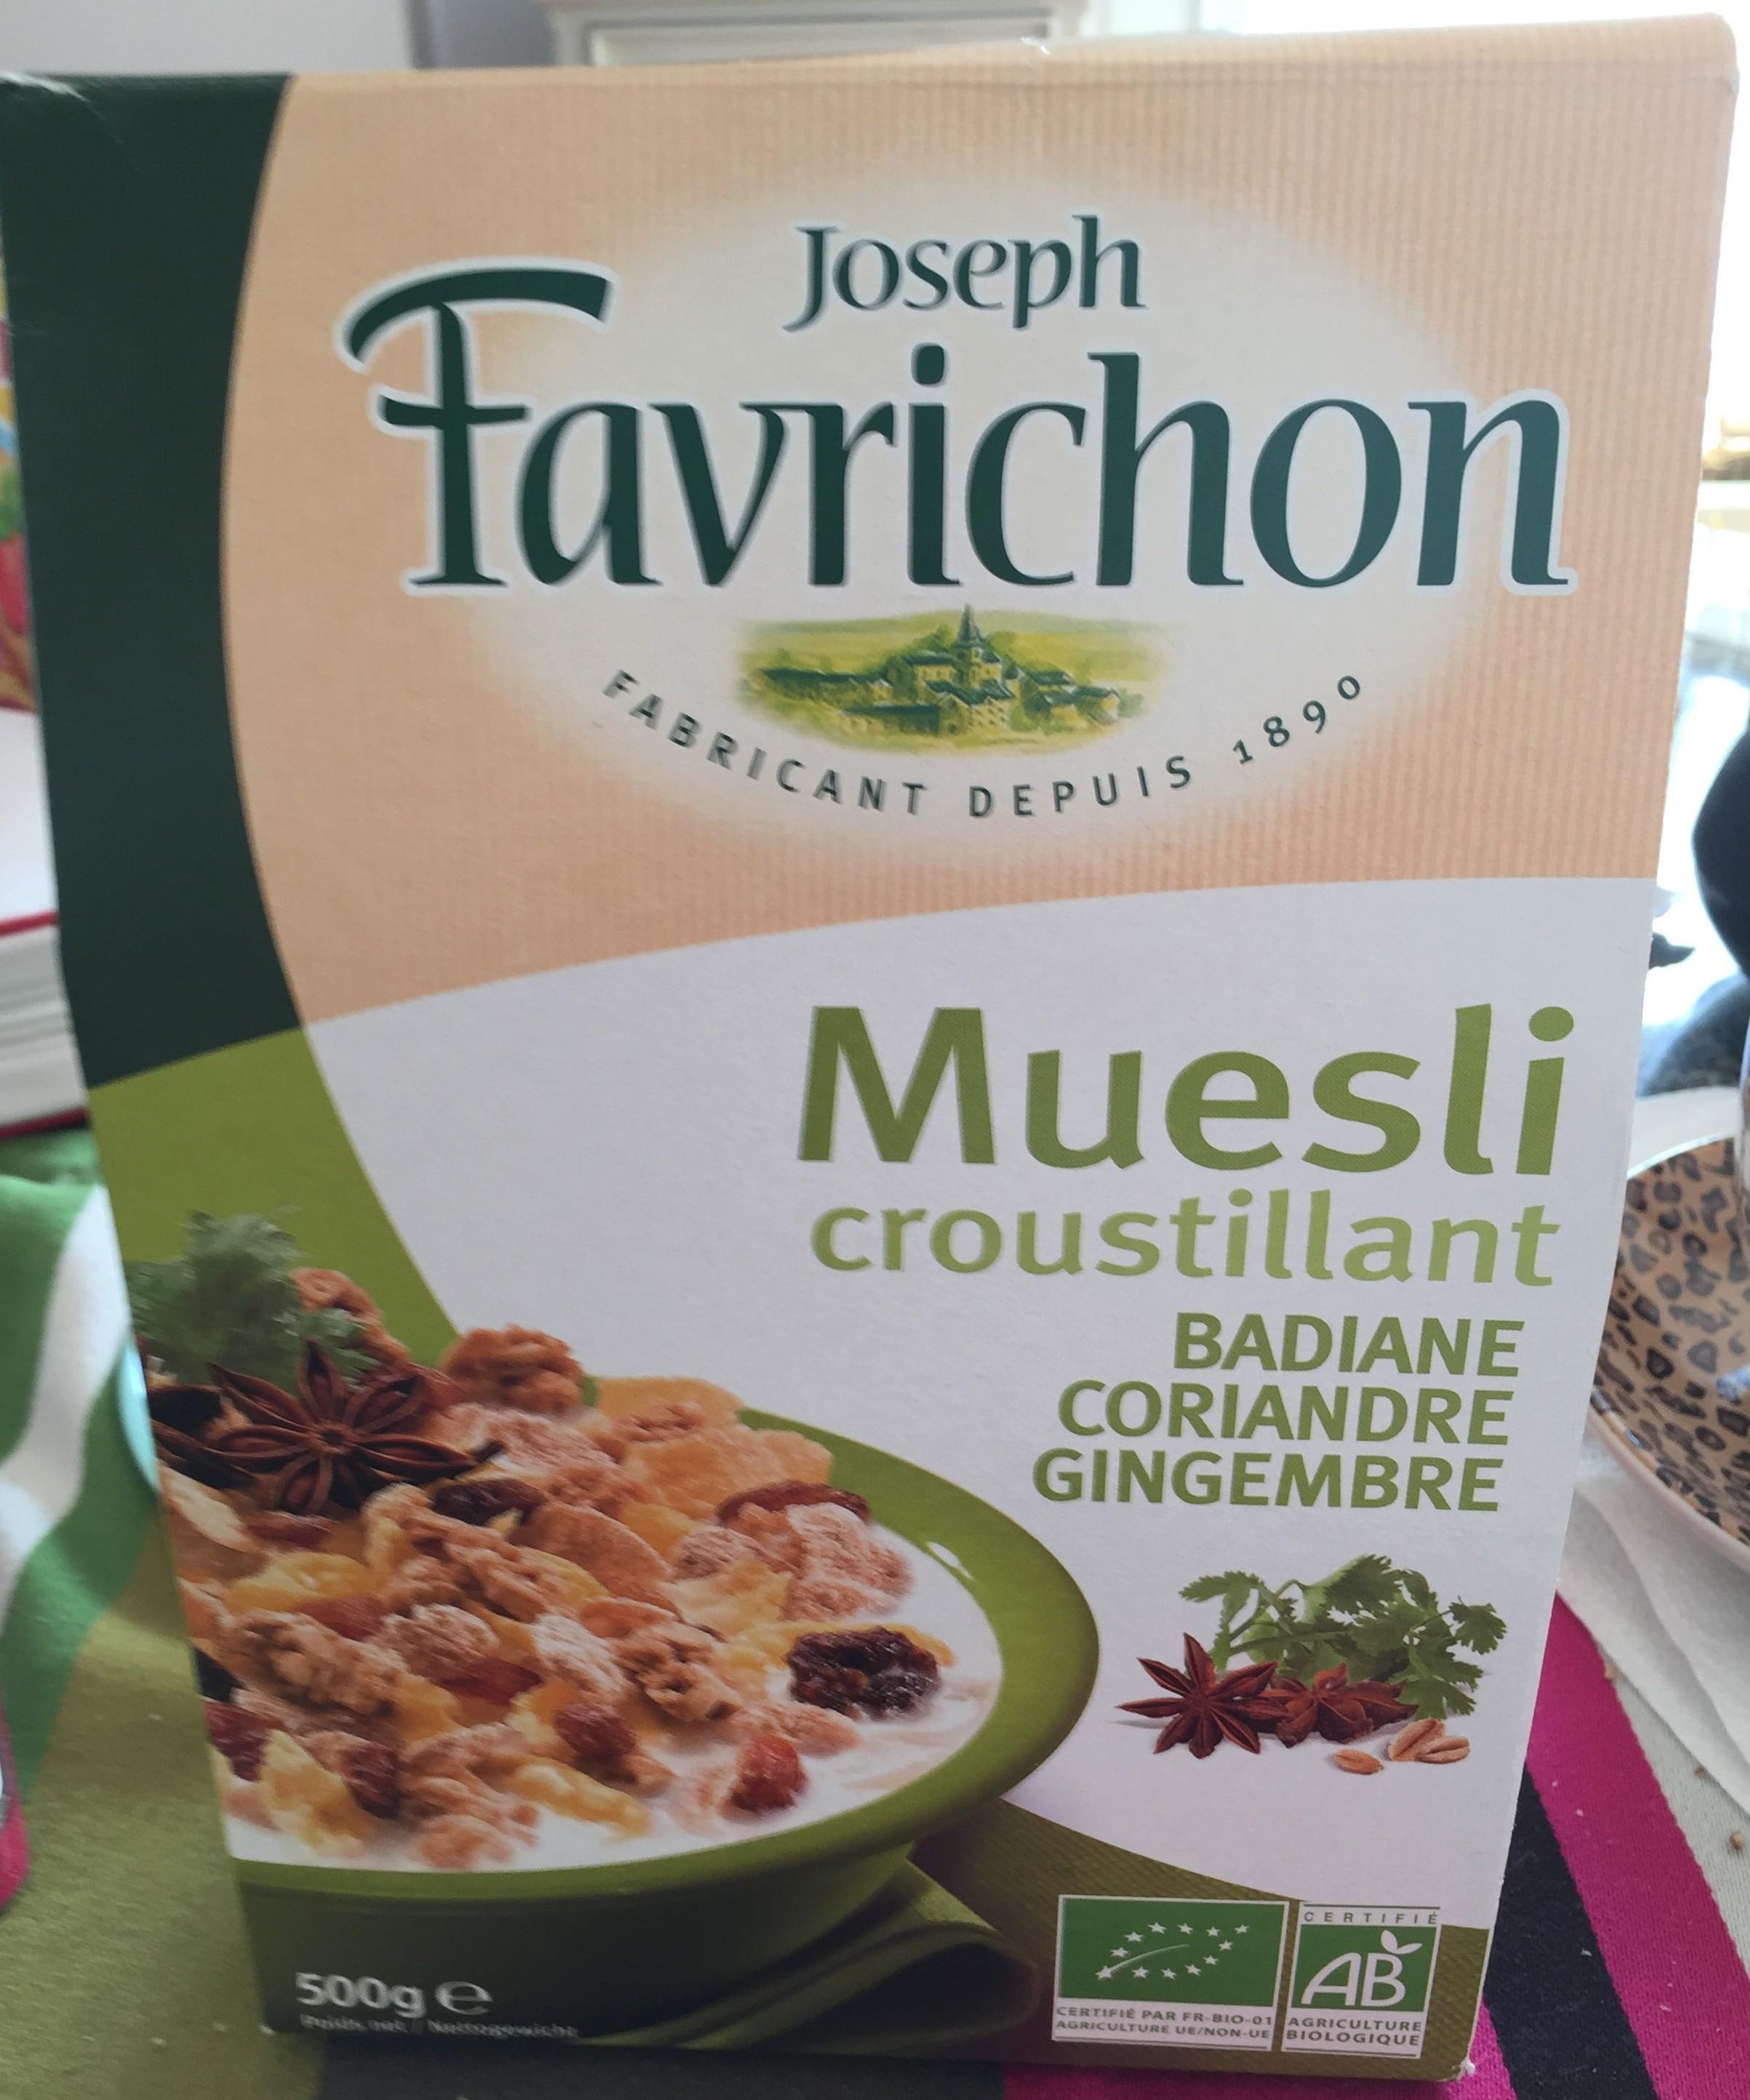 Muesli croustillant badiane coriandre gingembre - Product